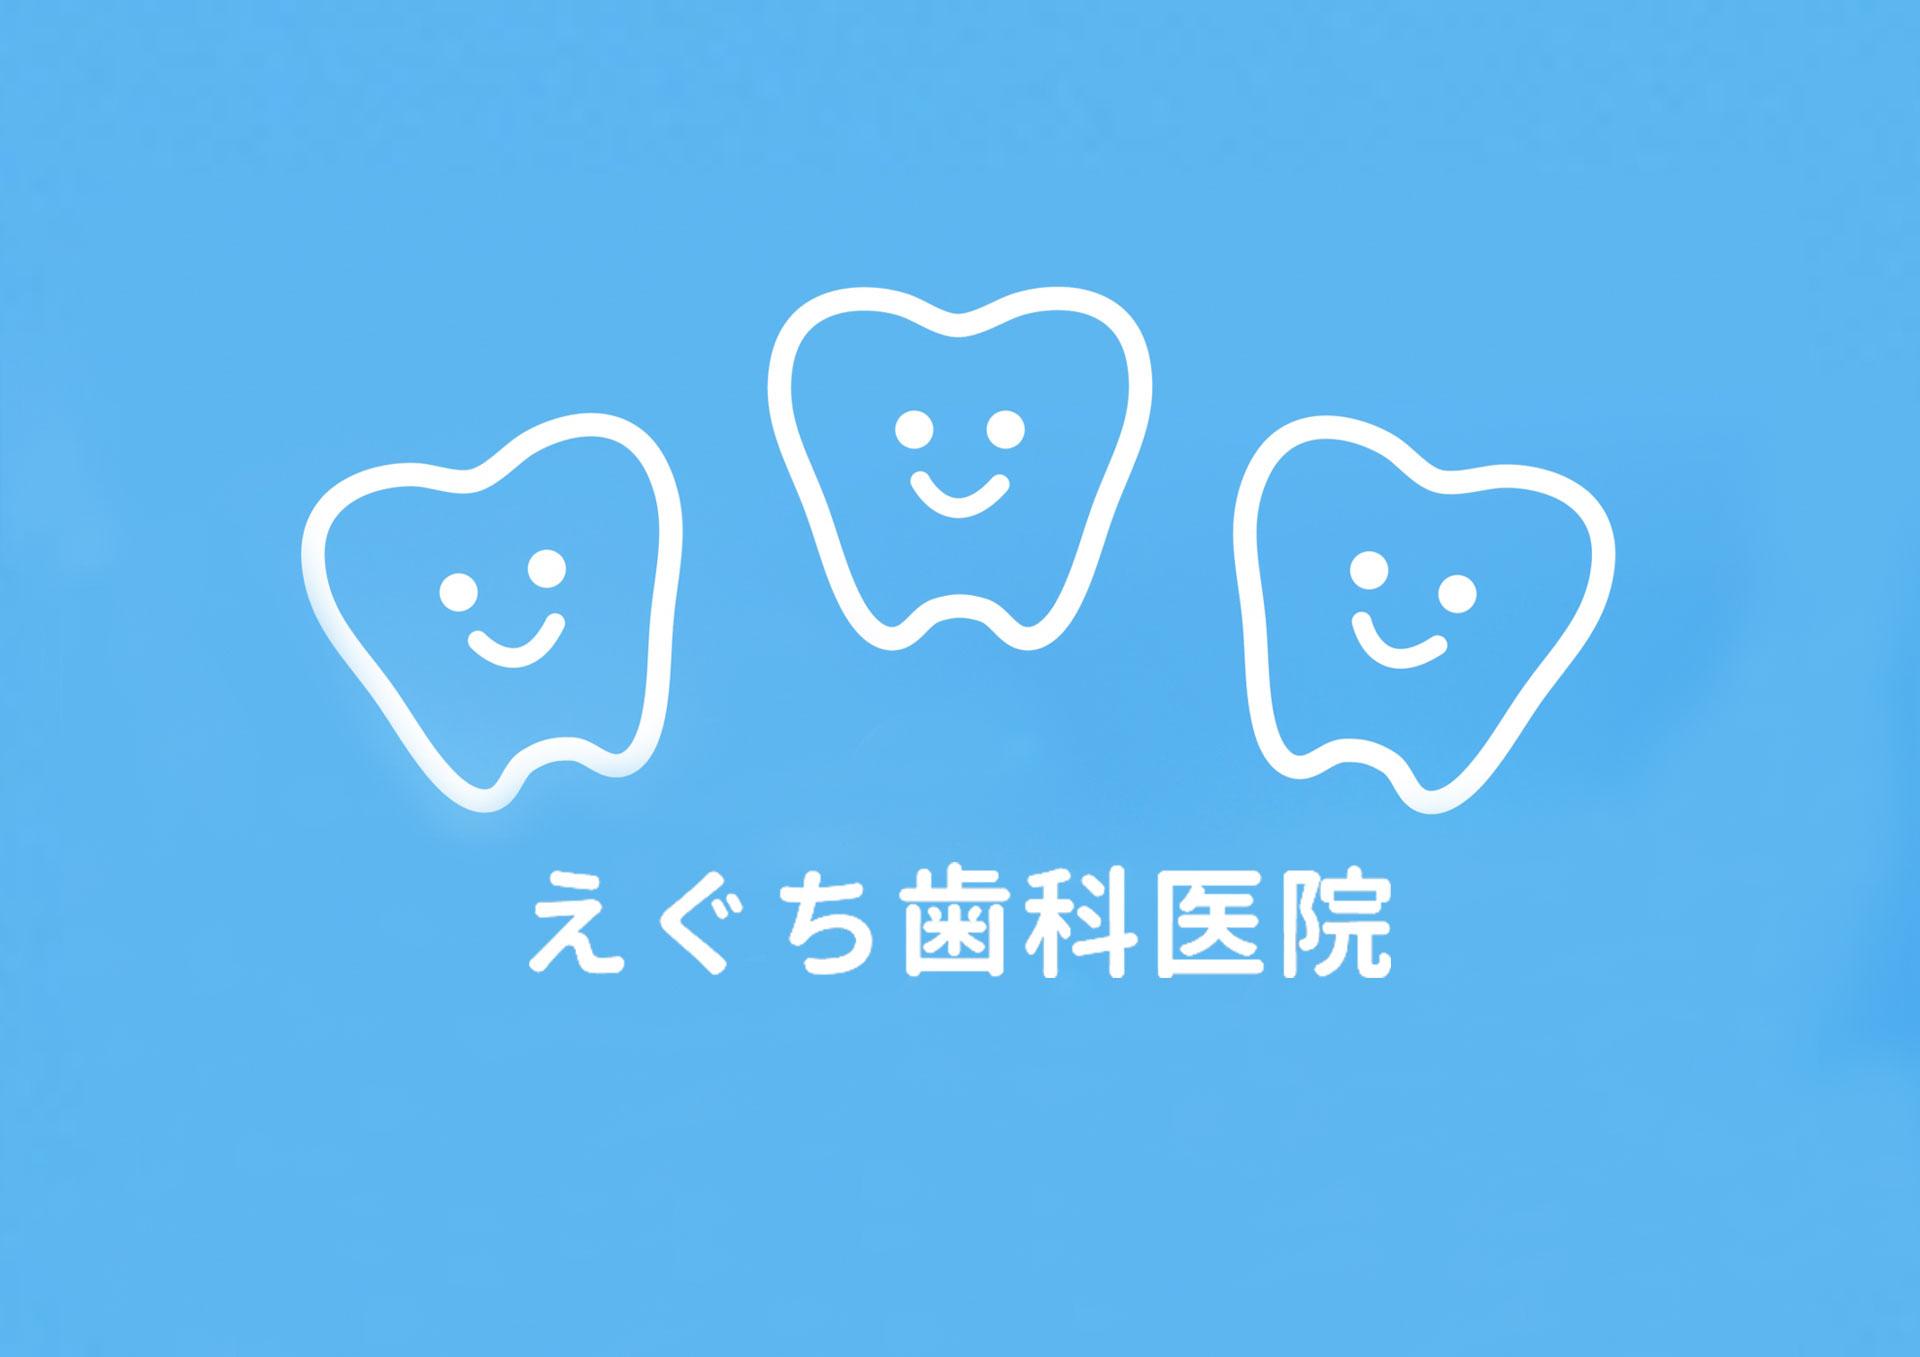 えぐち歯科医院